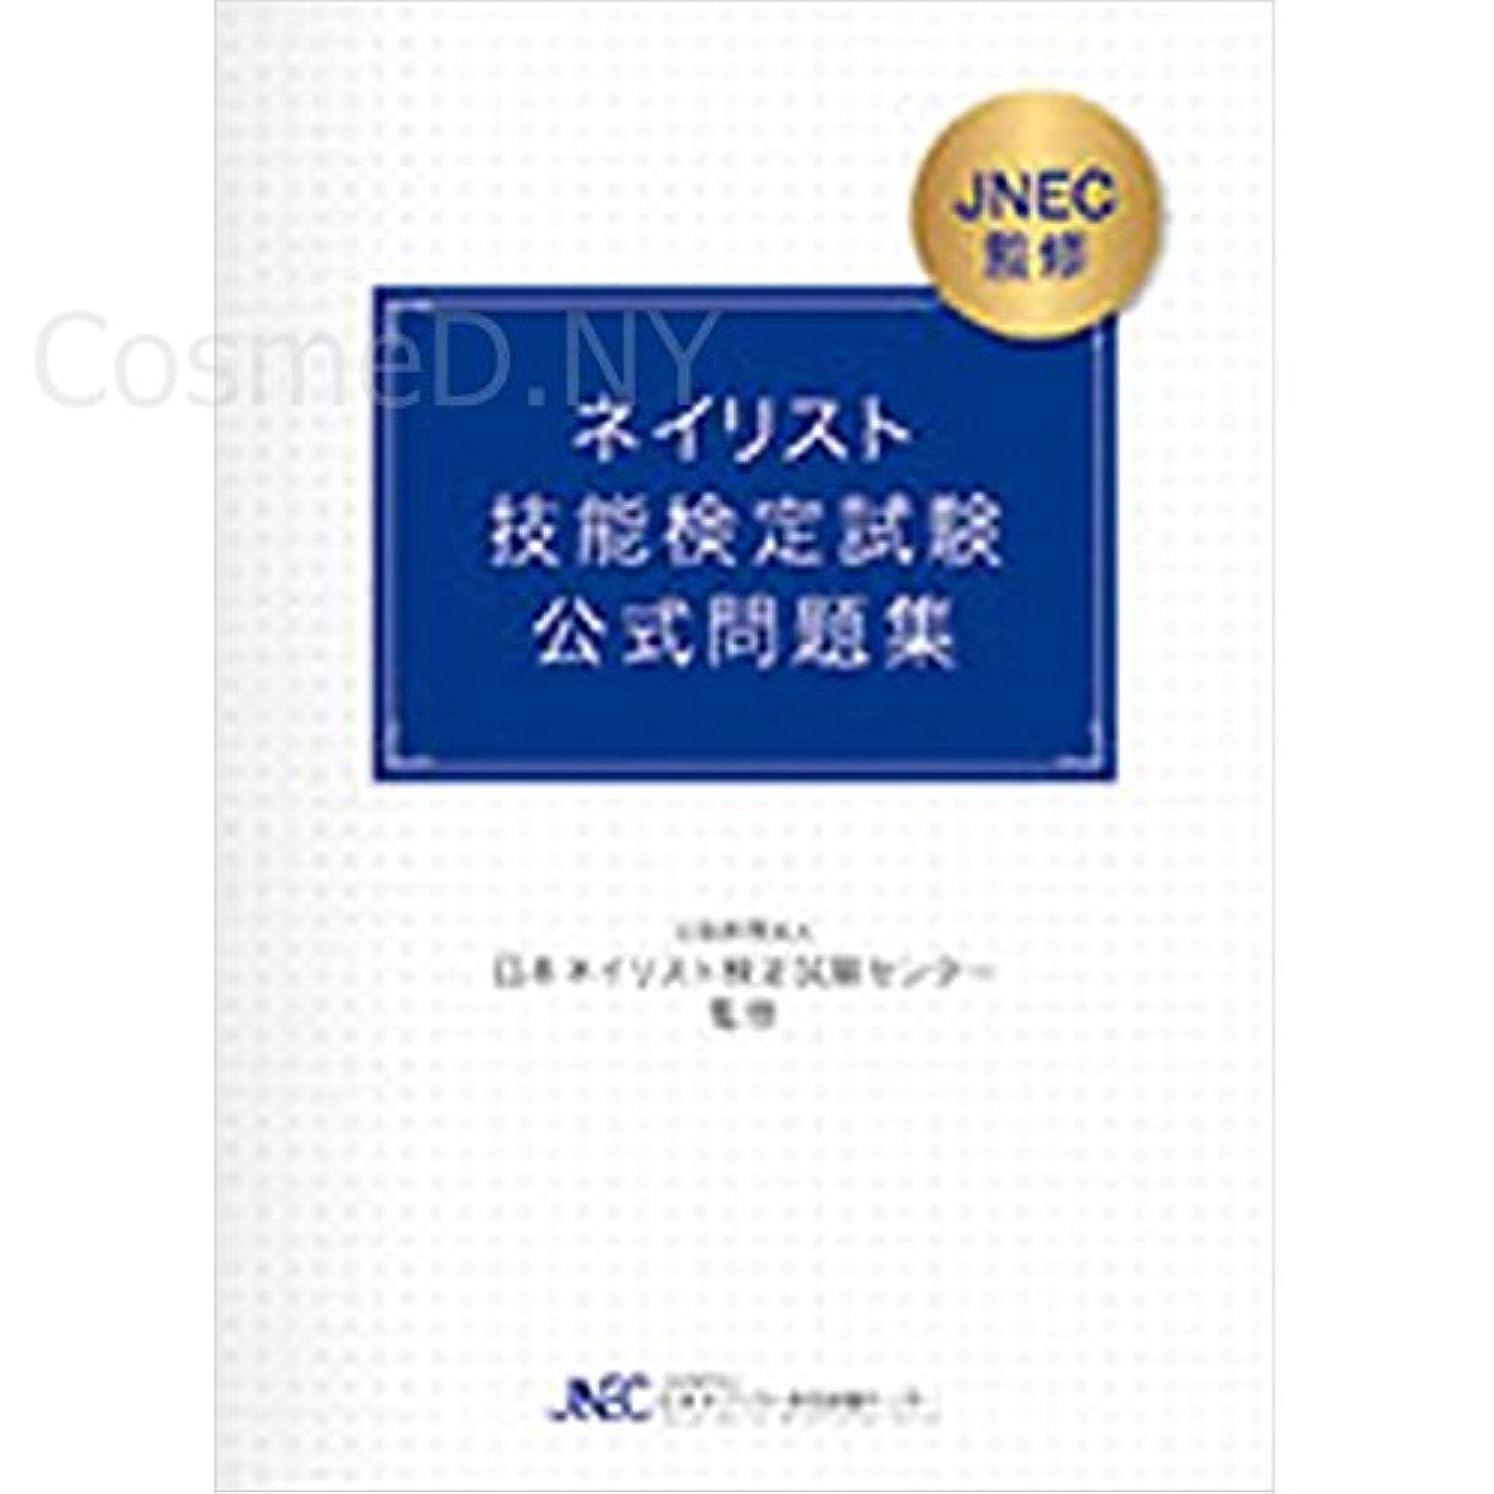 チャームの単なる書籍ネイリスト技能検定試験 公式問題集【BOOK、ネイリスト検定試験、ネイル検定に】